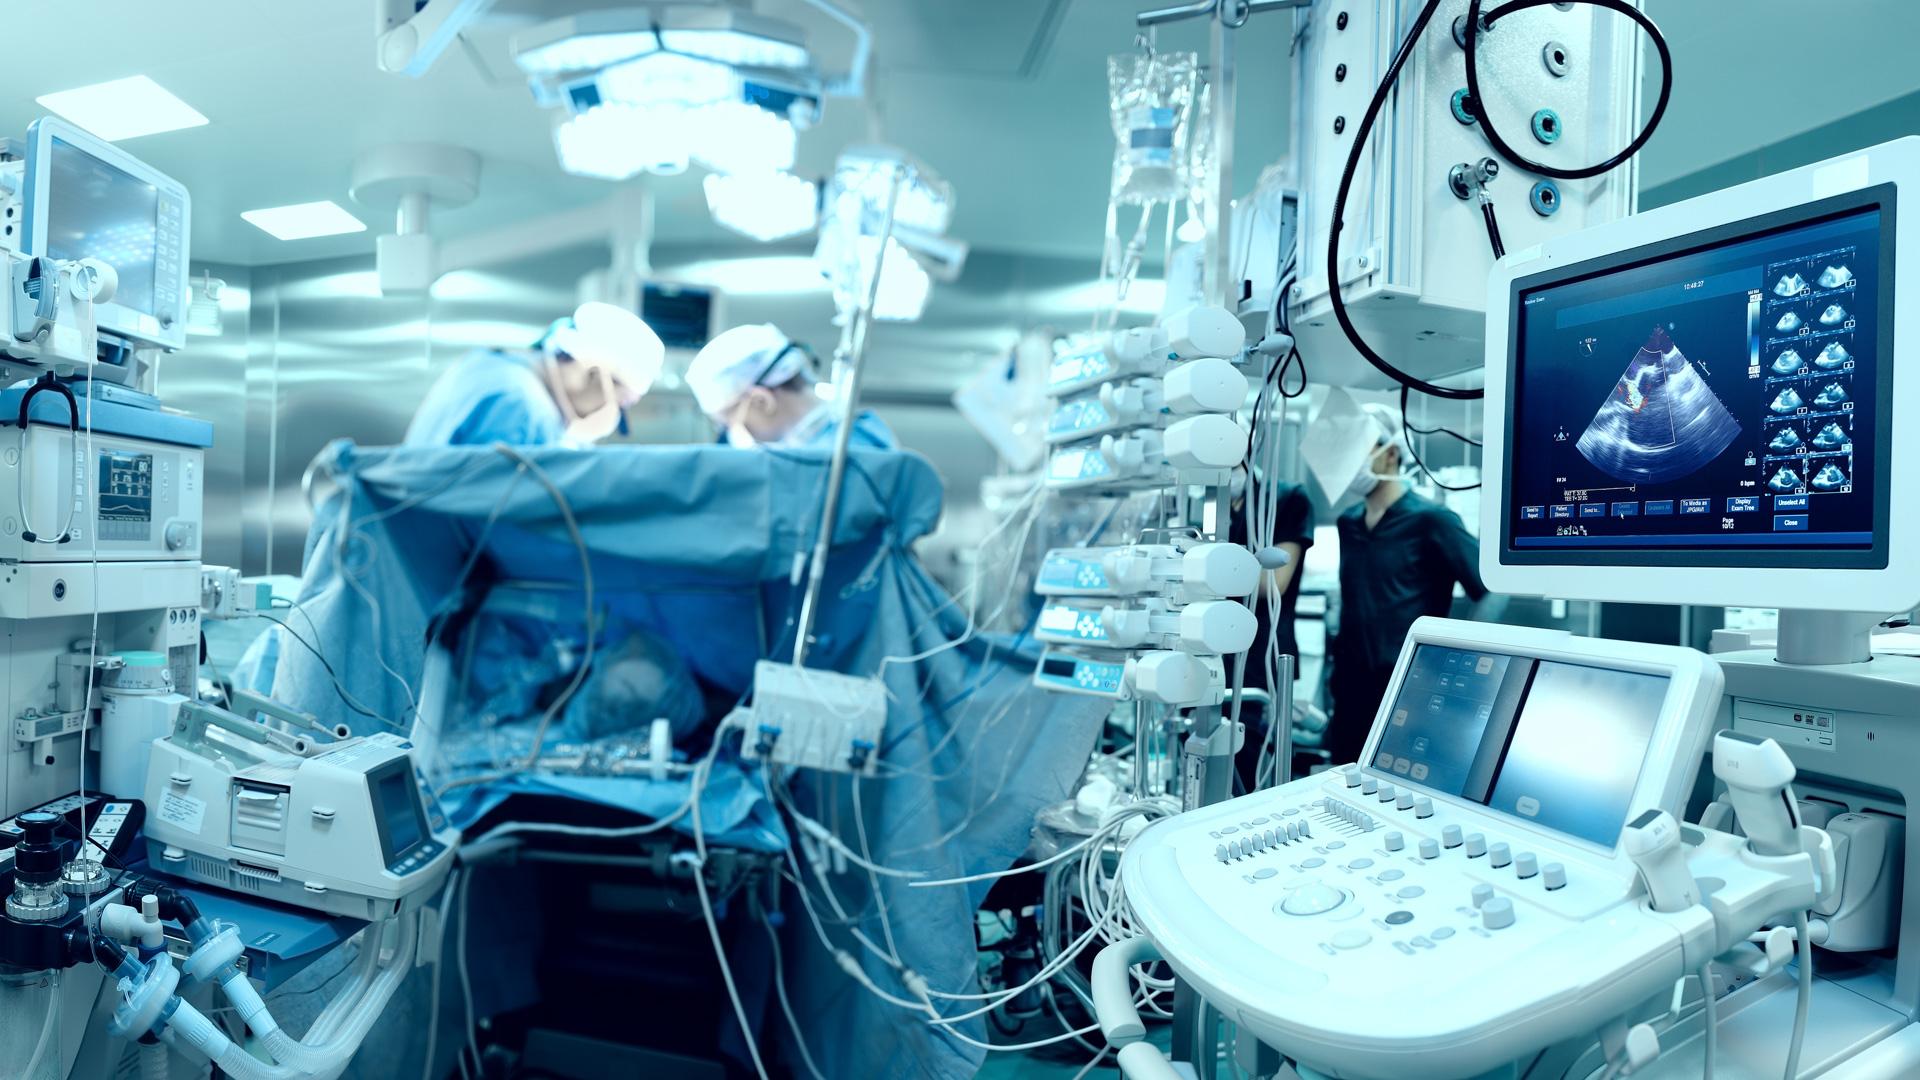 Medical connectors